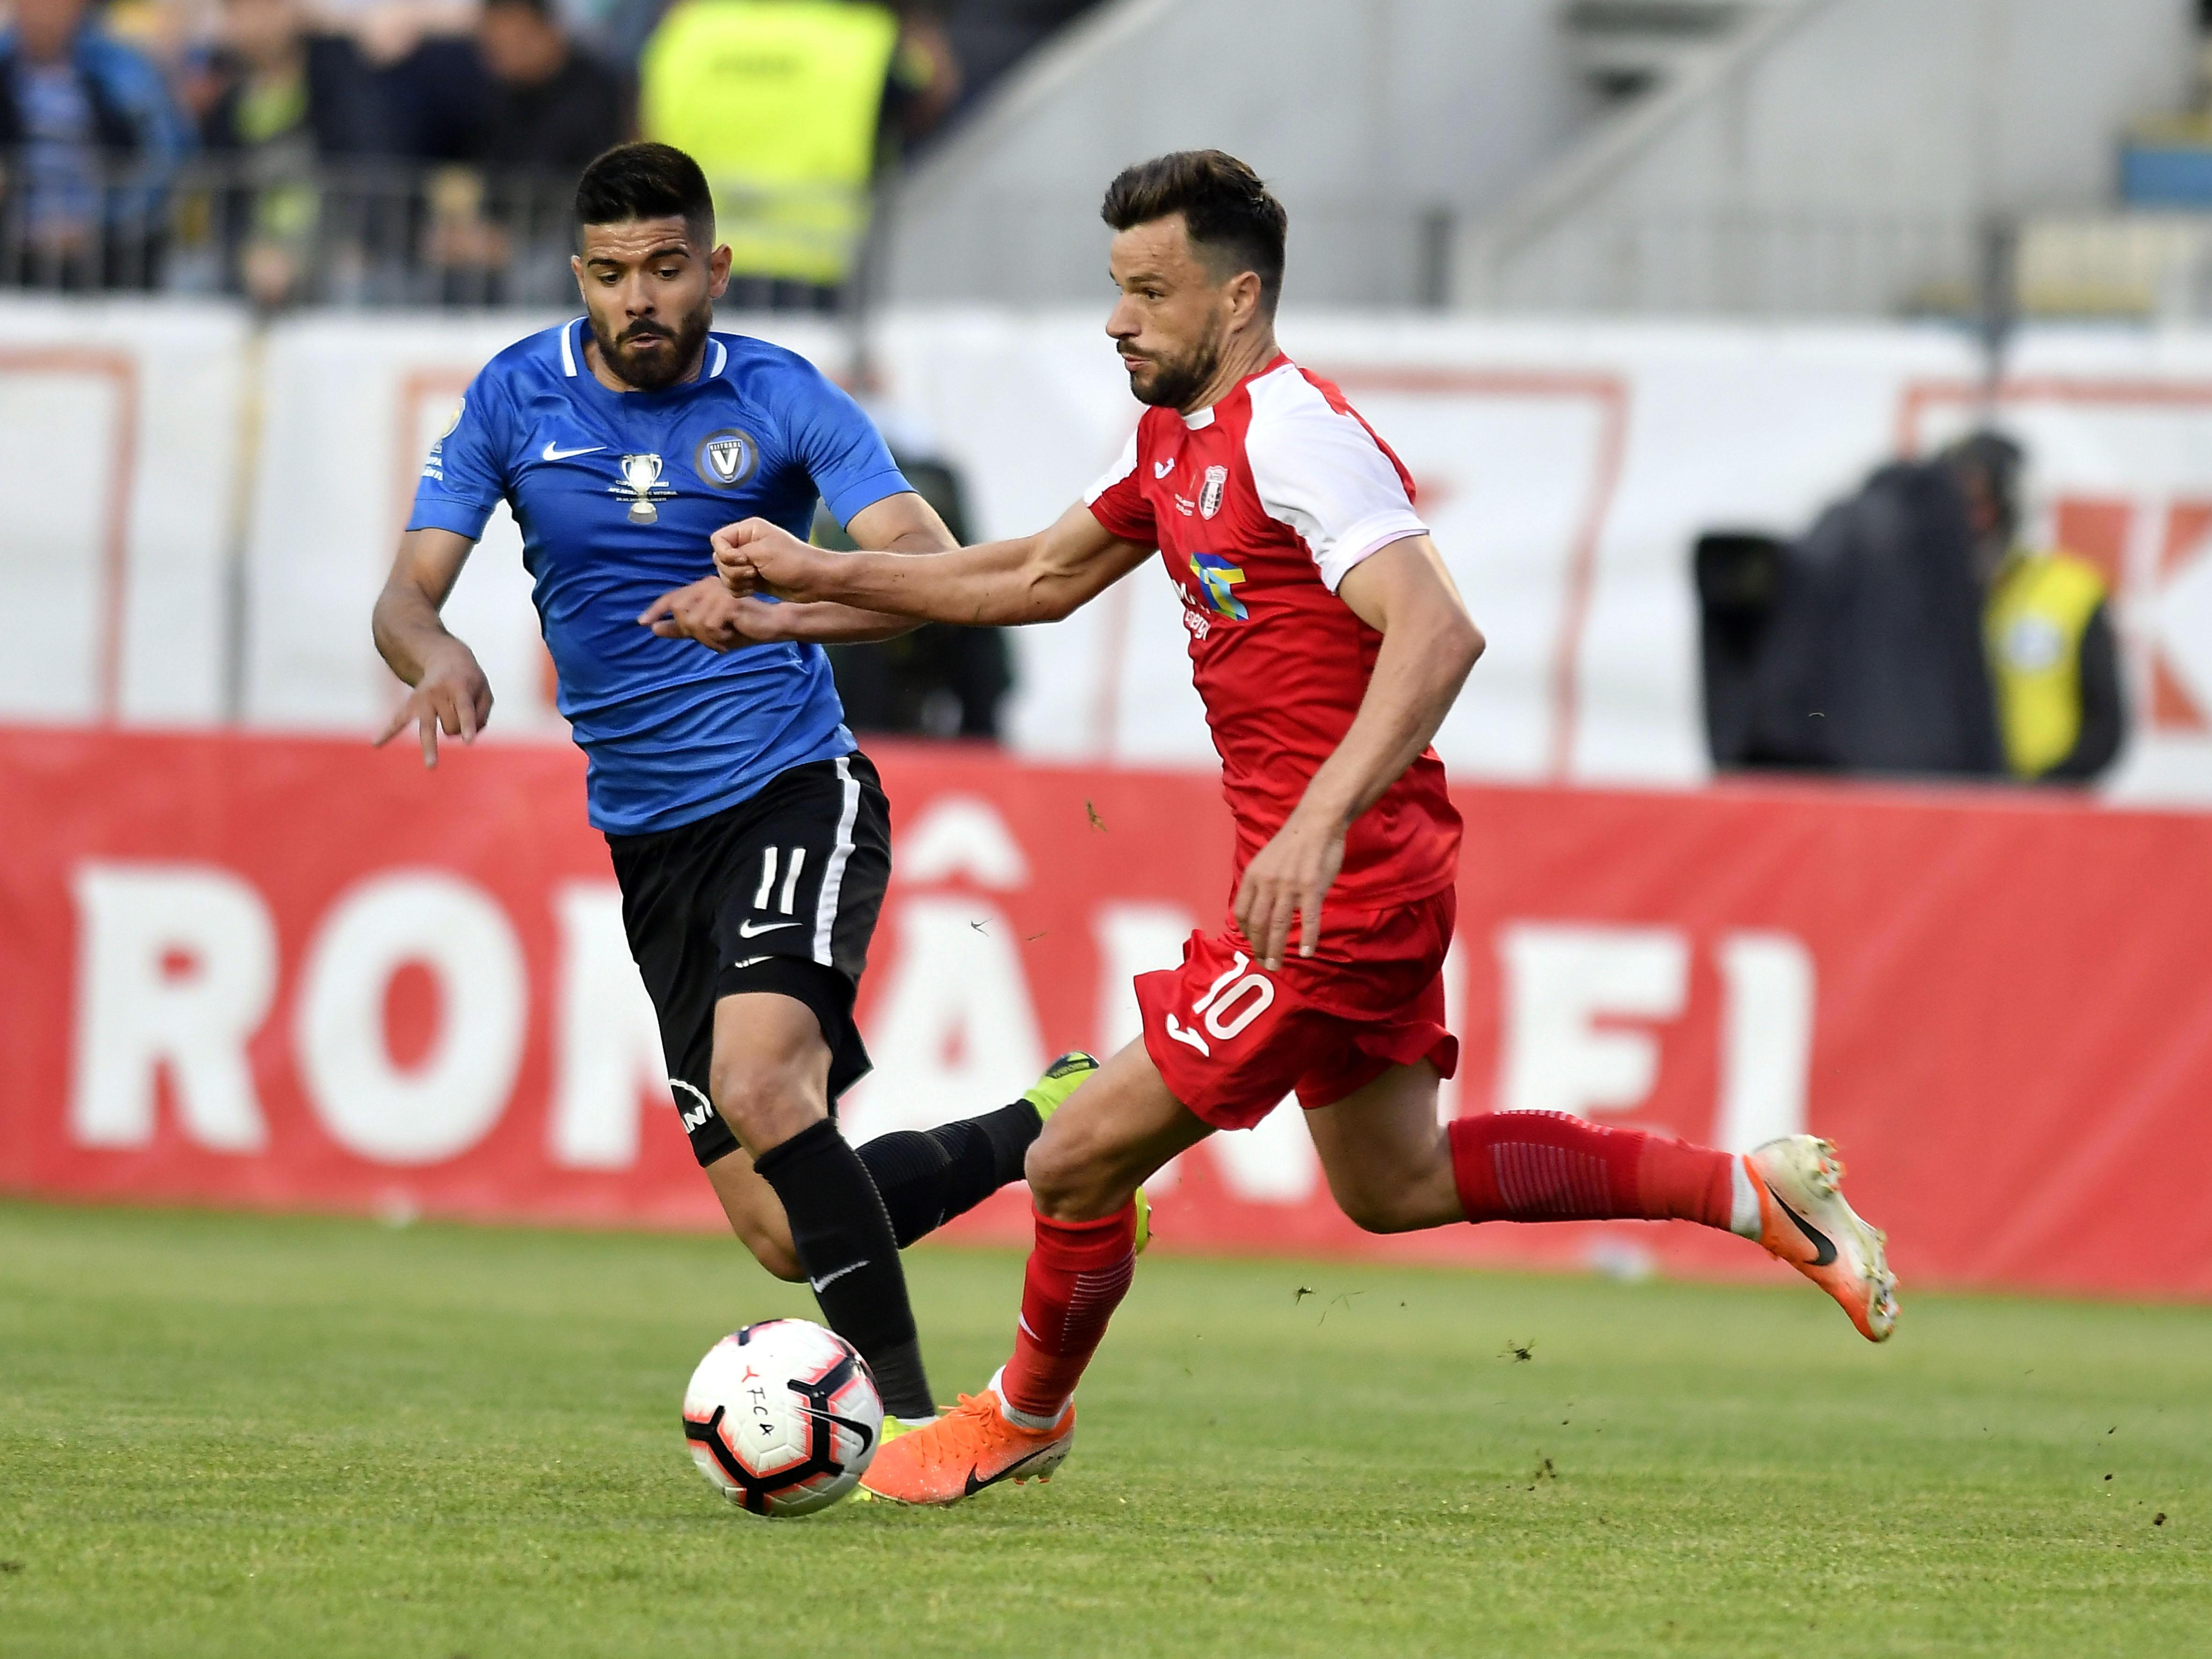 Ionuț Vînă și Azdren Llullaku în meciul Viitorul - Astra Giurgiu. Sursă foto: sportpictures.eu